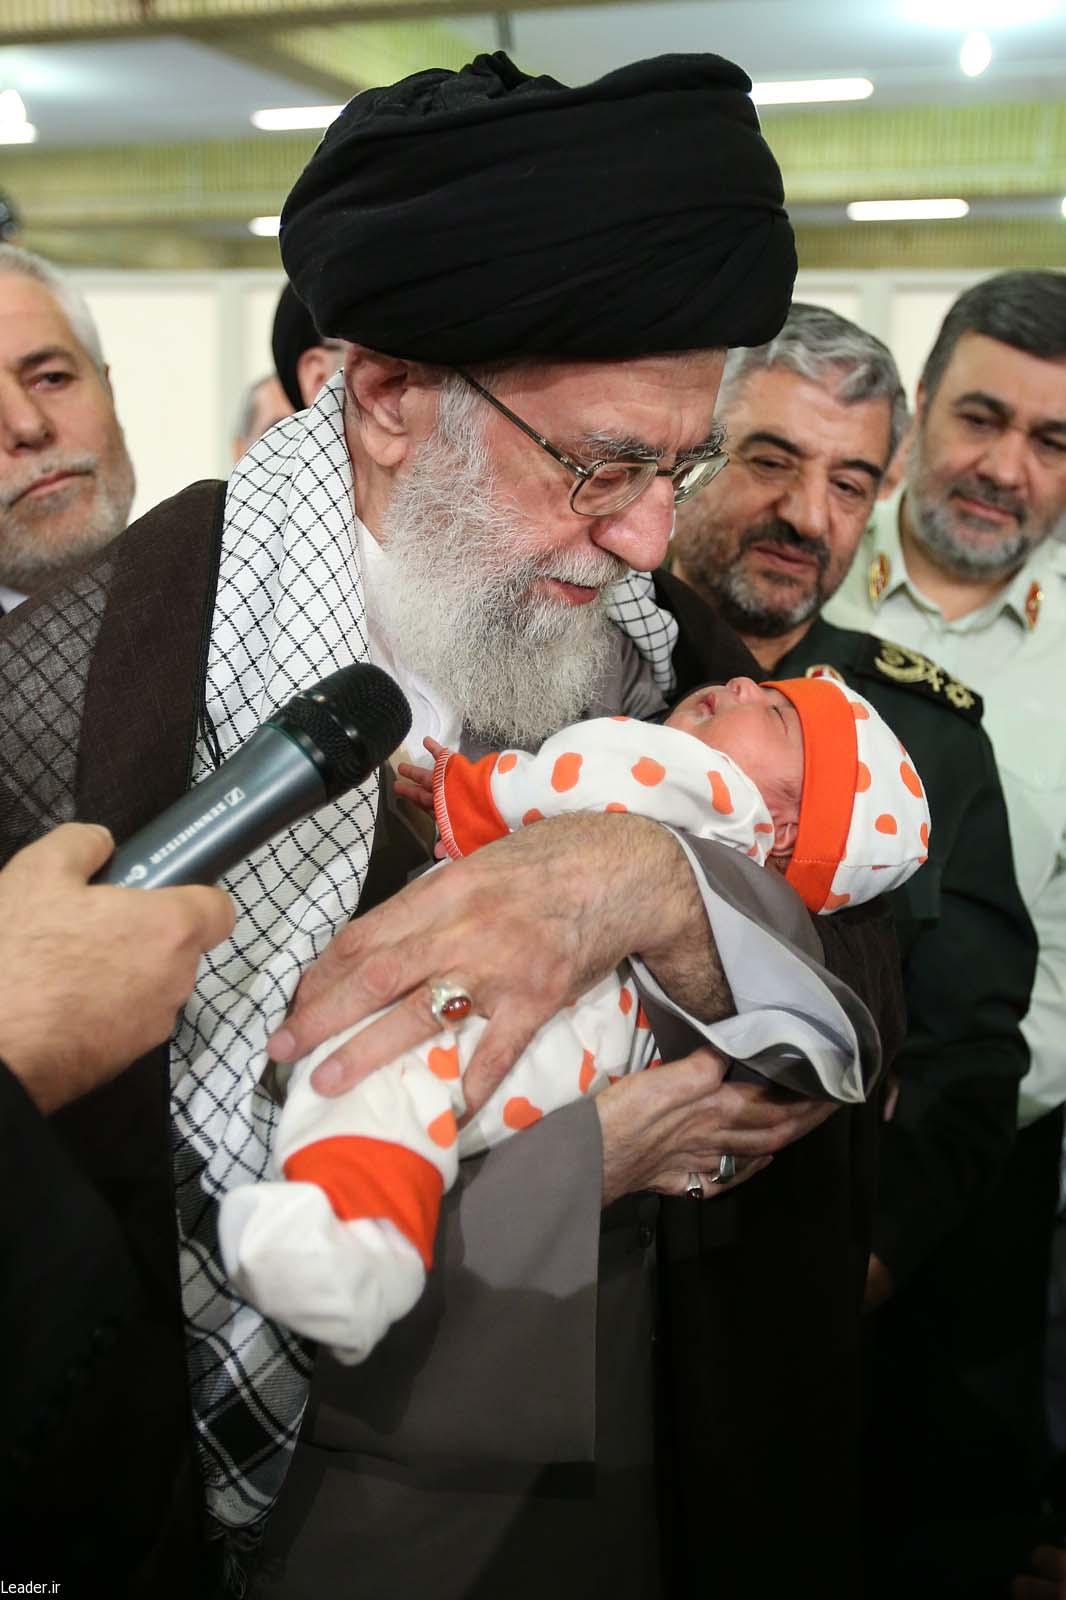 عکس/ اذان گفتن رهبر انقلاب در گوش نوزاد یک ماهه